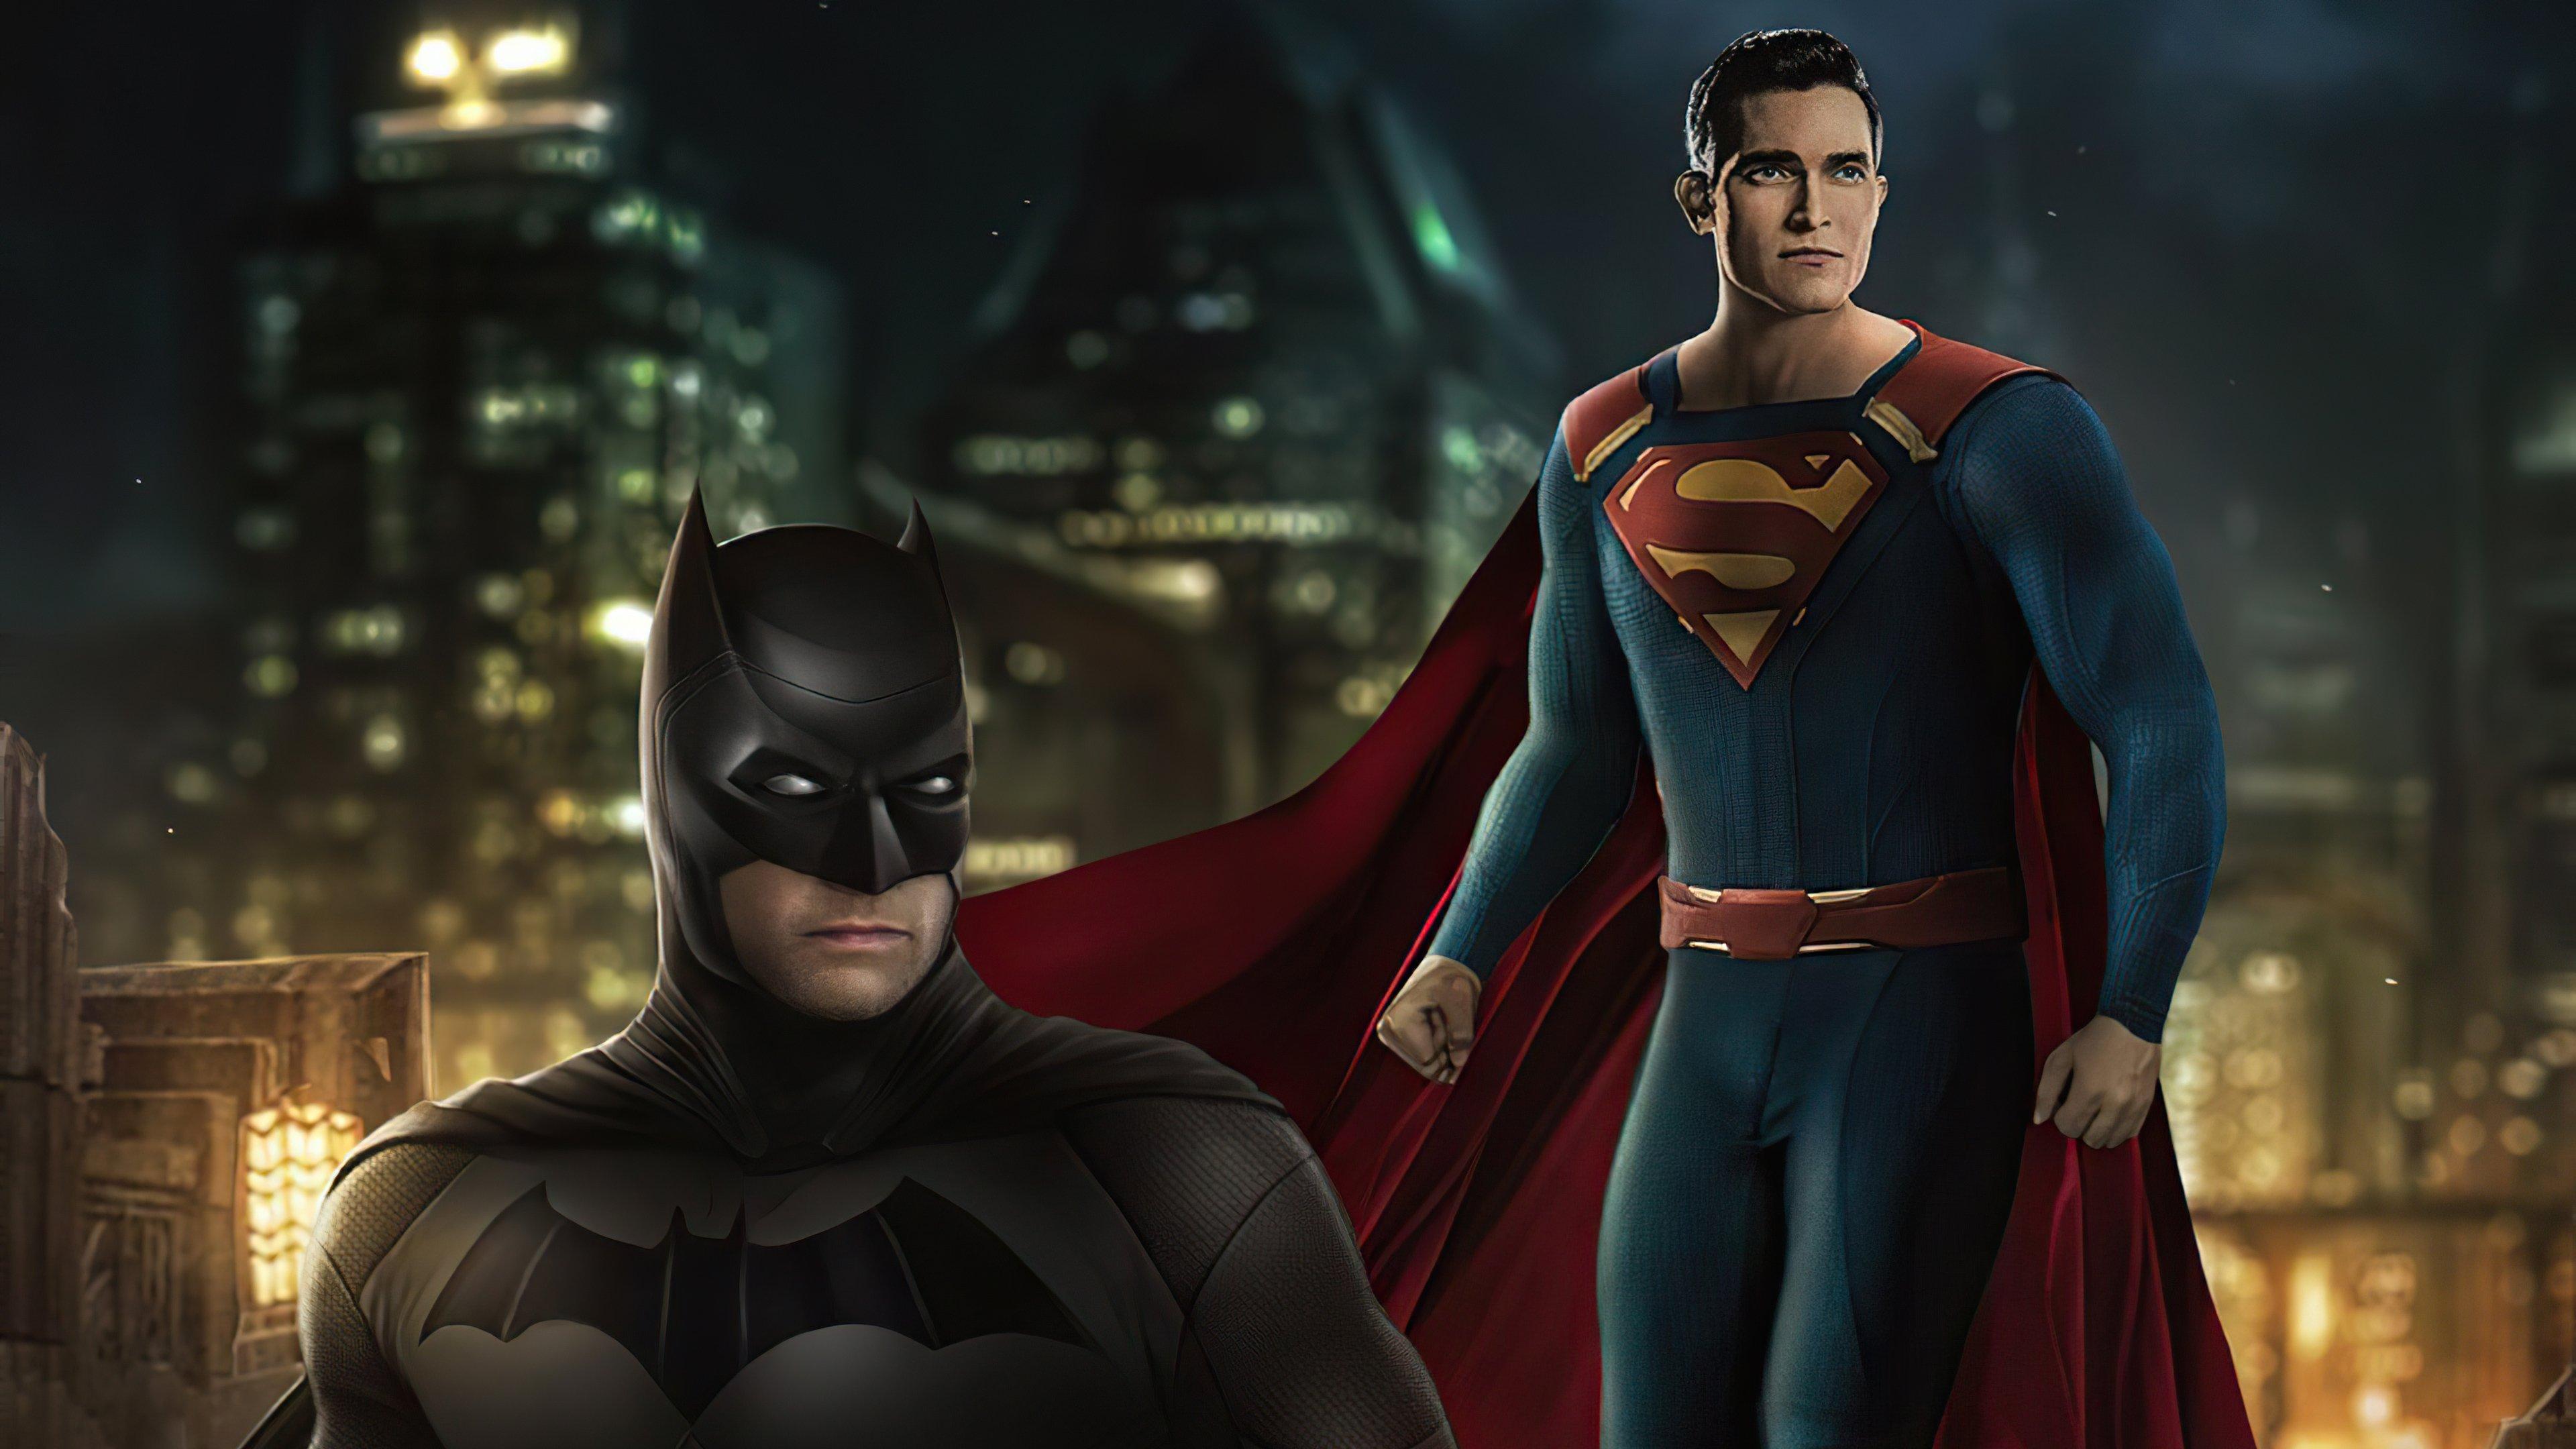 Fondos de pantalla Batman y Superman en la ciudad